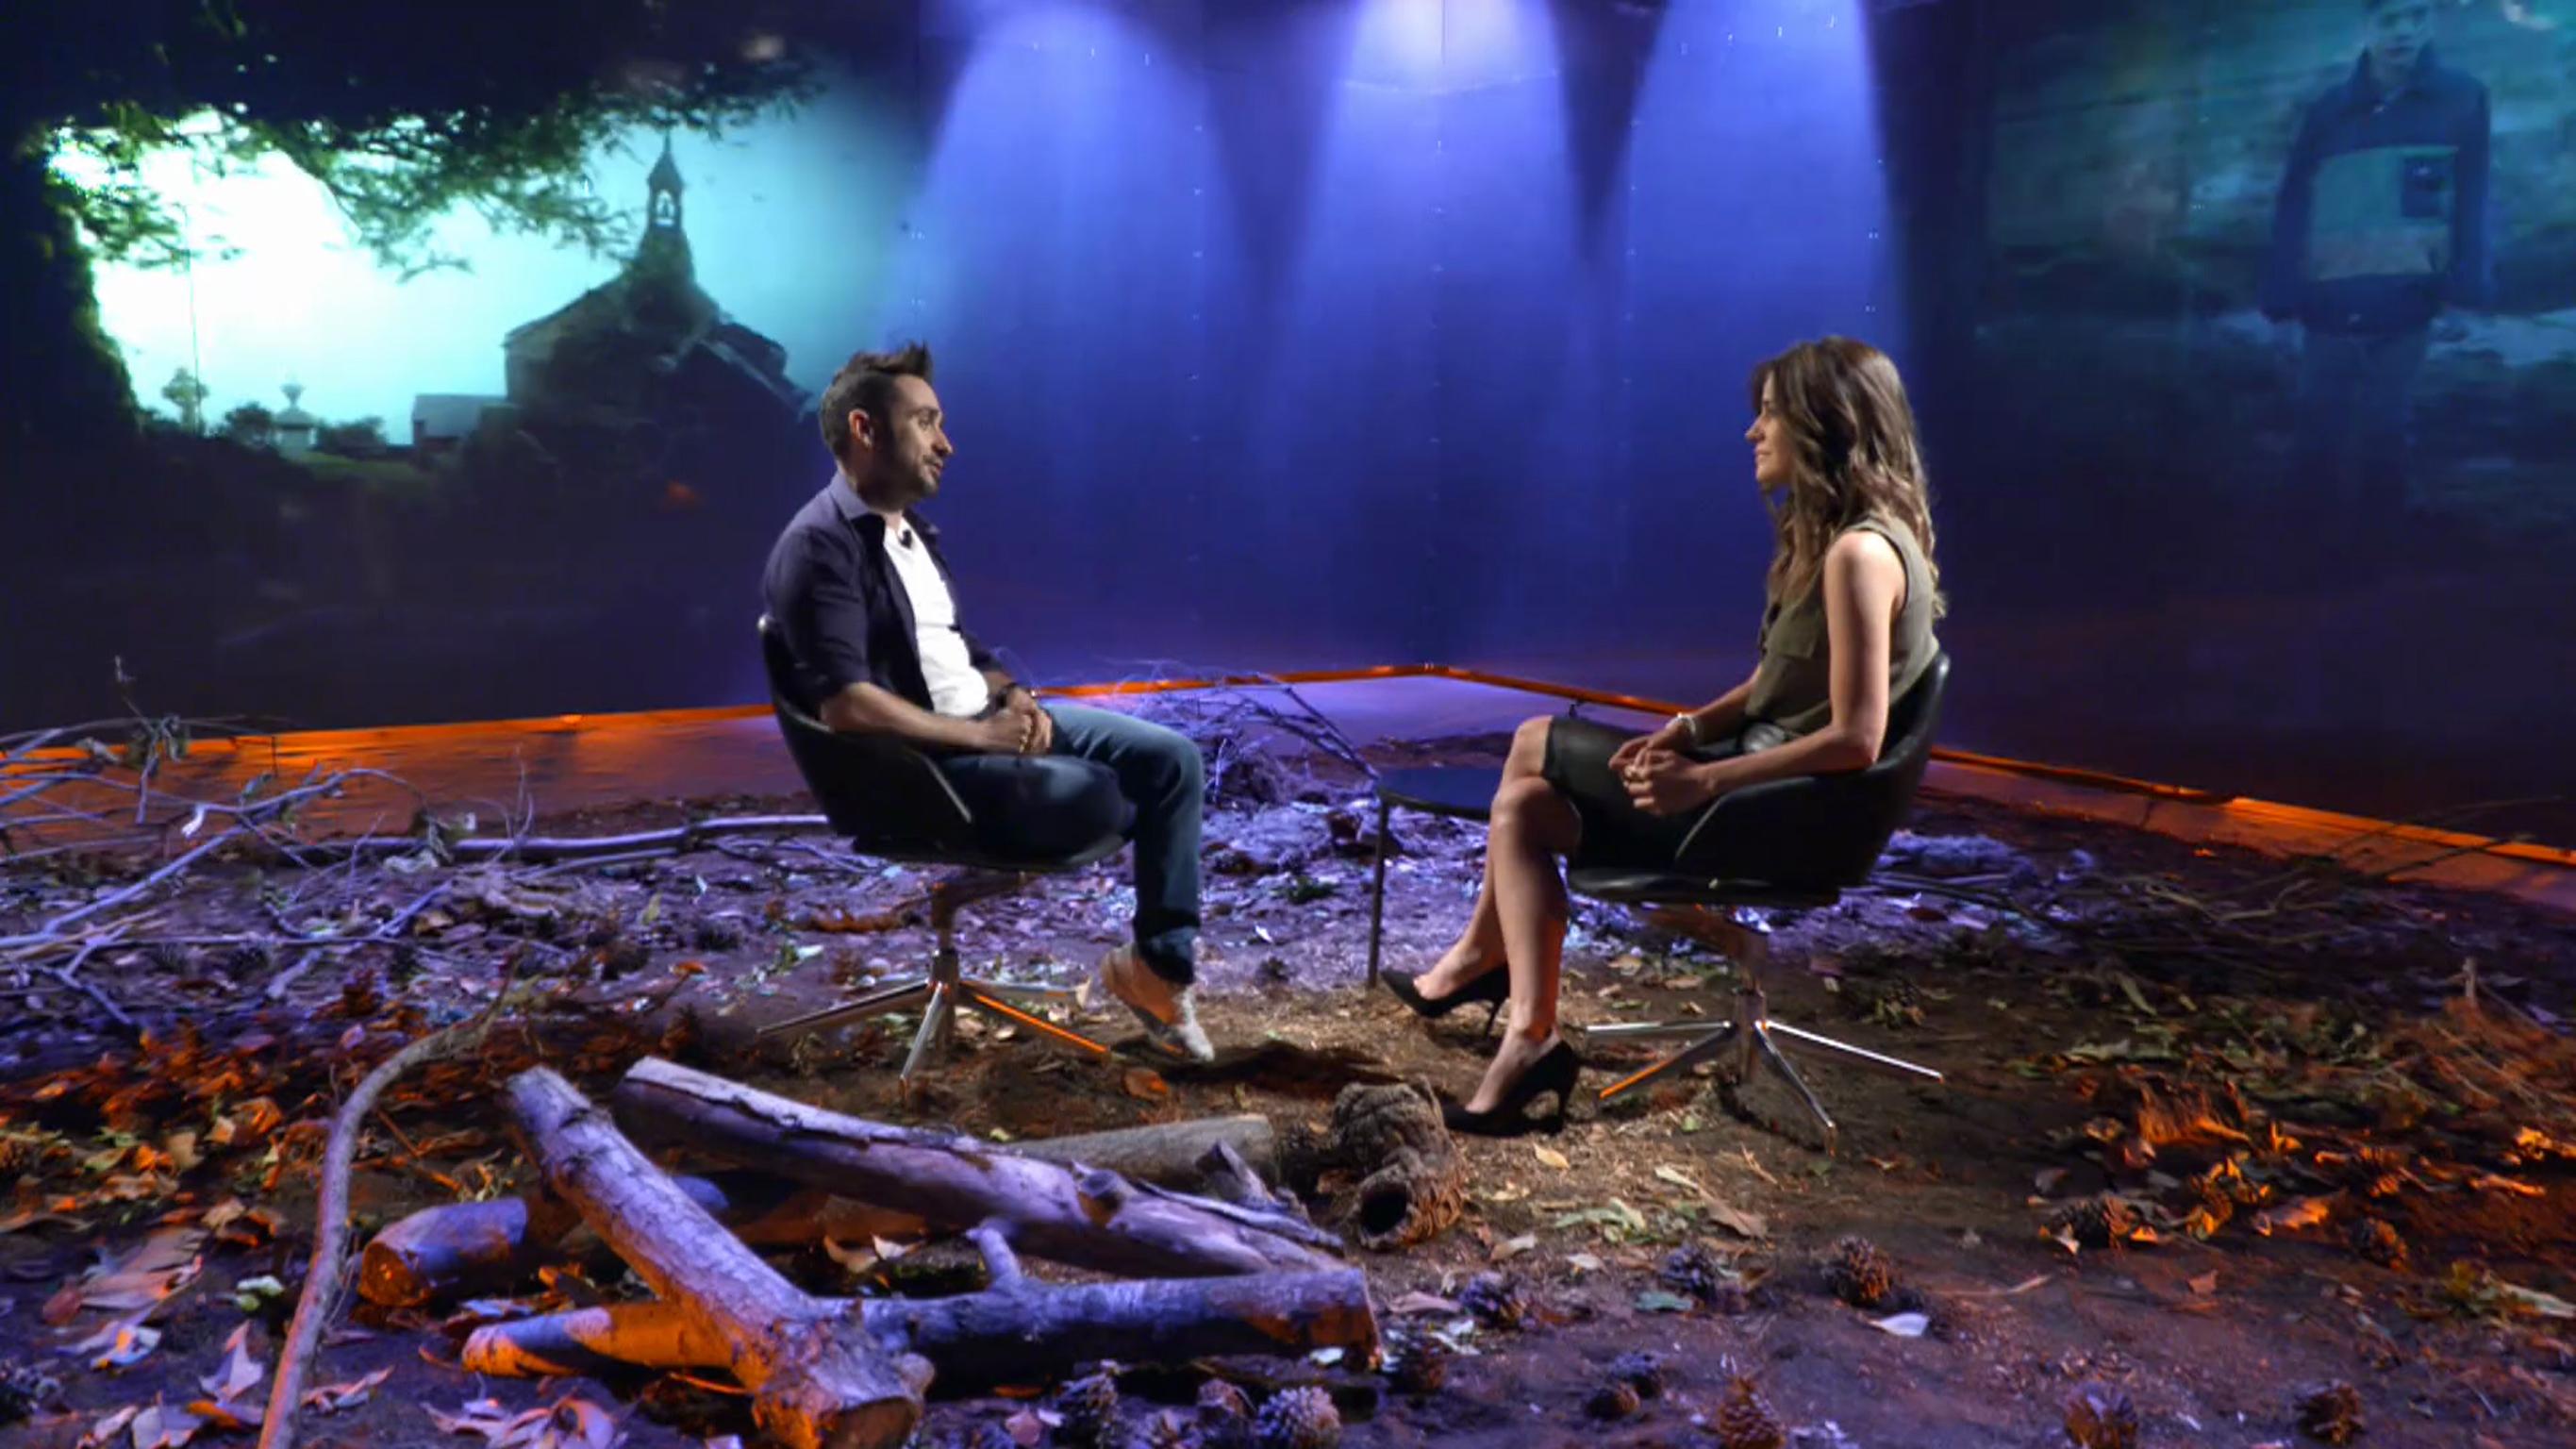 Temporadas y episodios Entrevista a Juan Antonio Bayona - Entrevista a J.A. Bayona